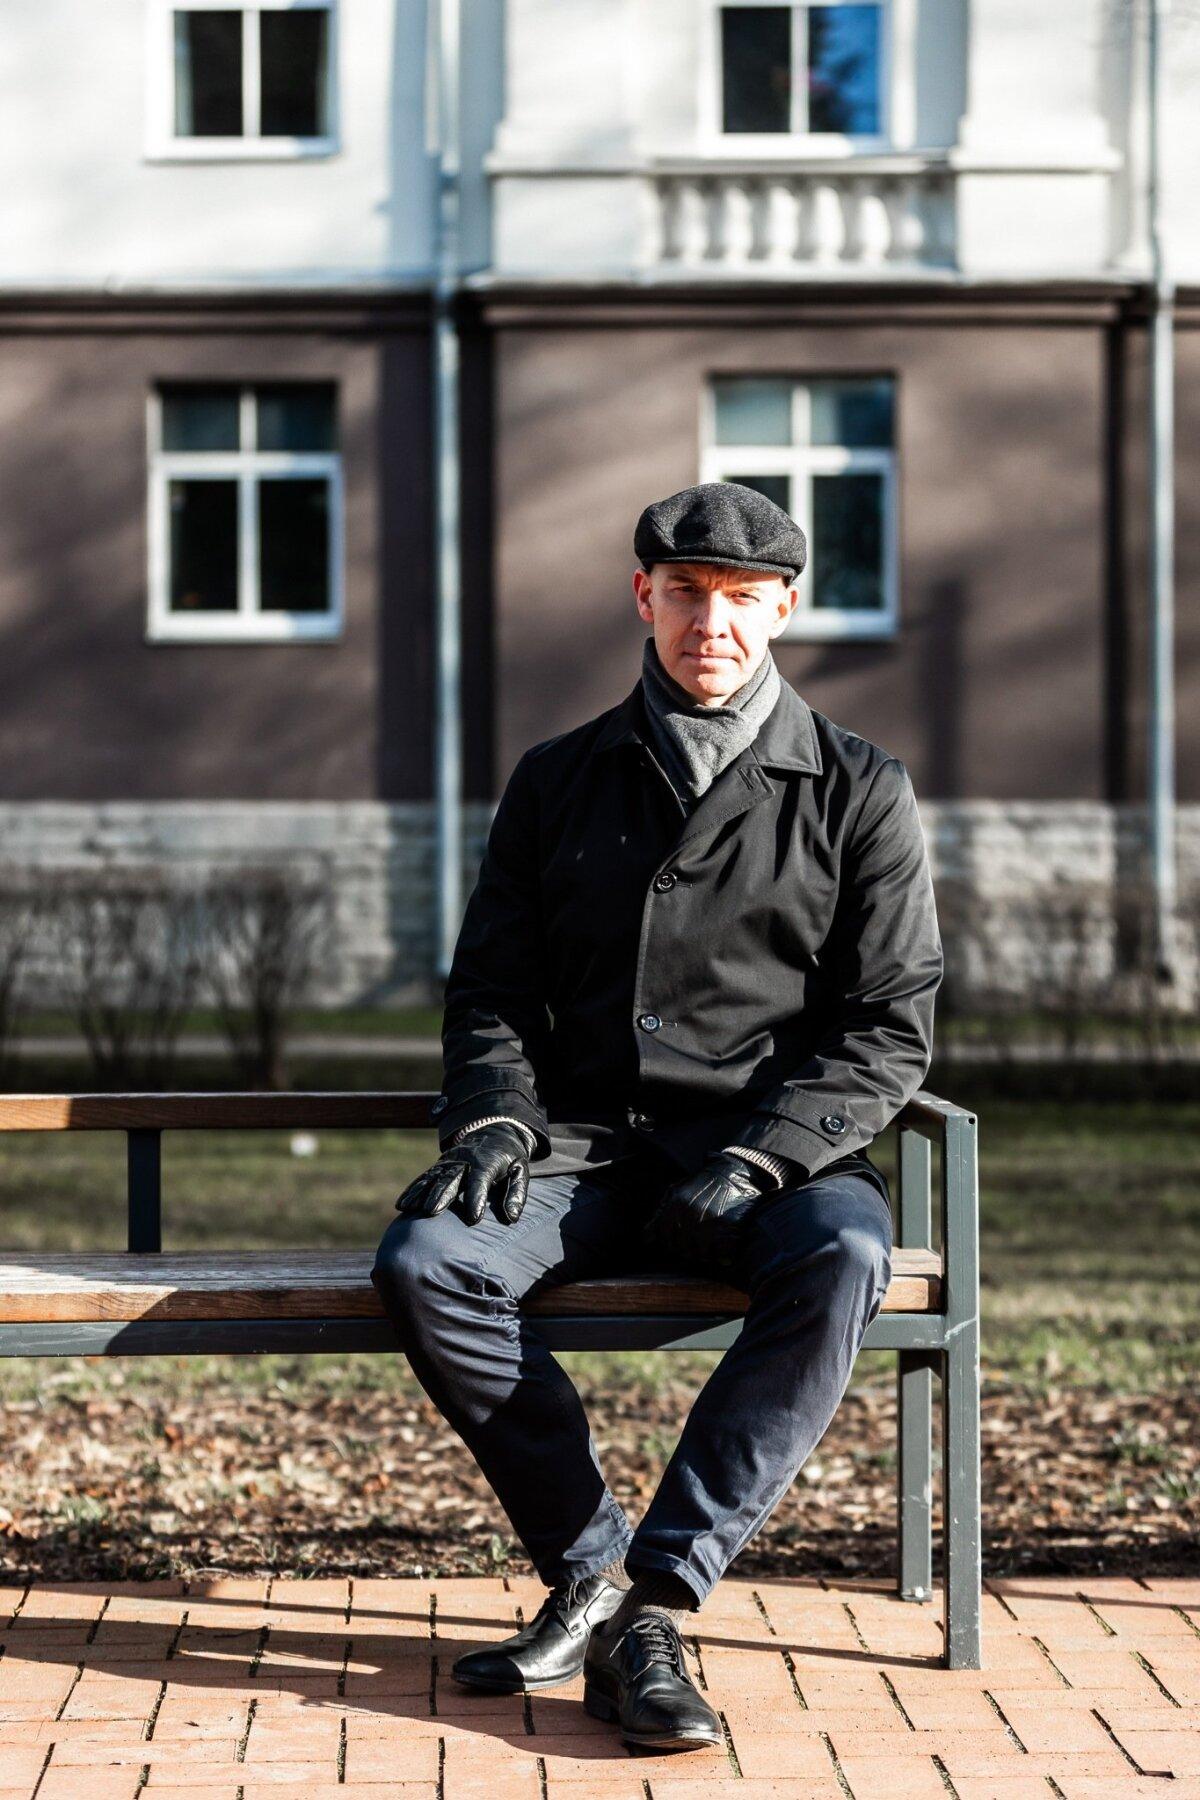 Eesti Panga presidendi Madis Mülleri sõnutsi soovitabki keskpank kõigepealt ettevõtlust toetada, et meid ei tabaks pankrottide laine, inimesed ei kaotaks tööd ega jääks ootamatult sissetulekuta.